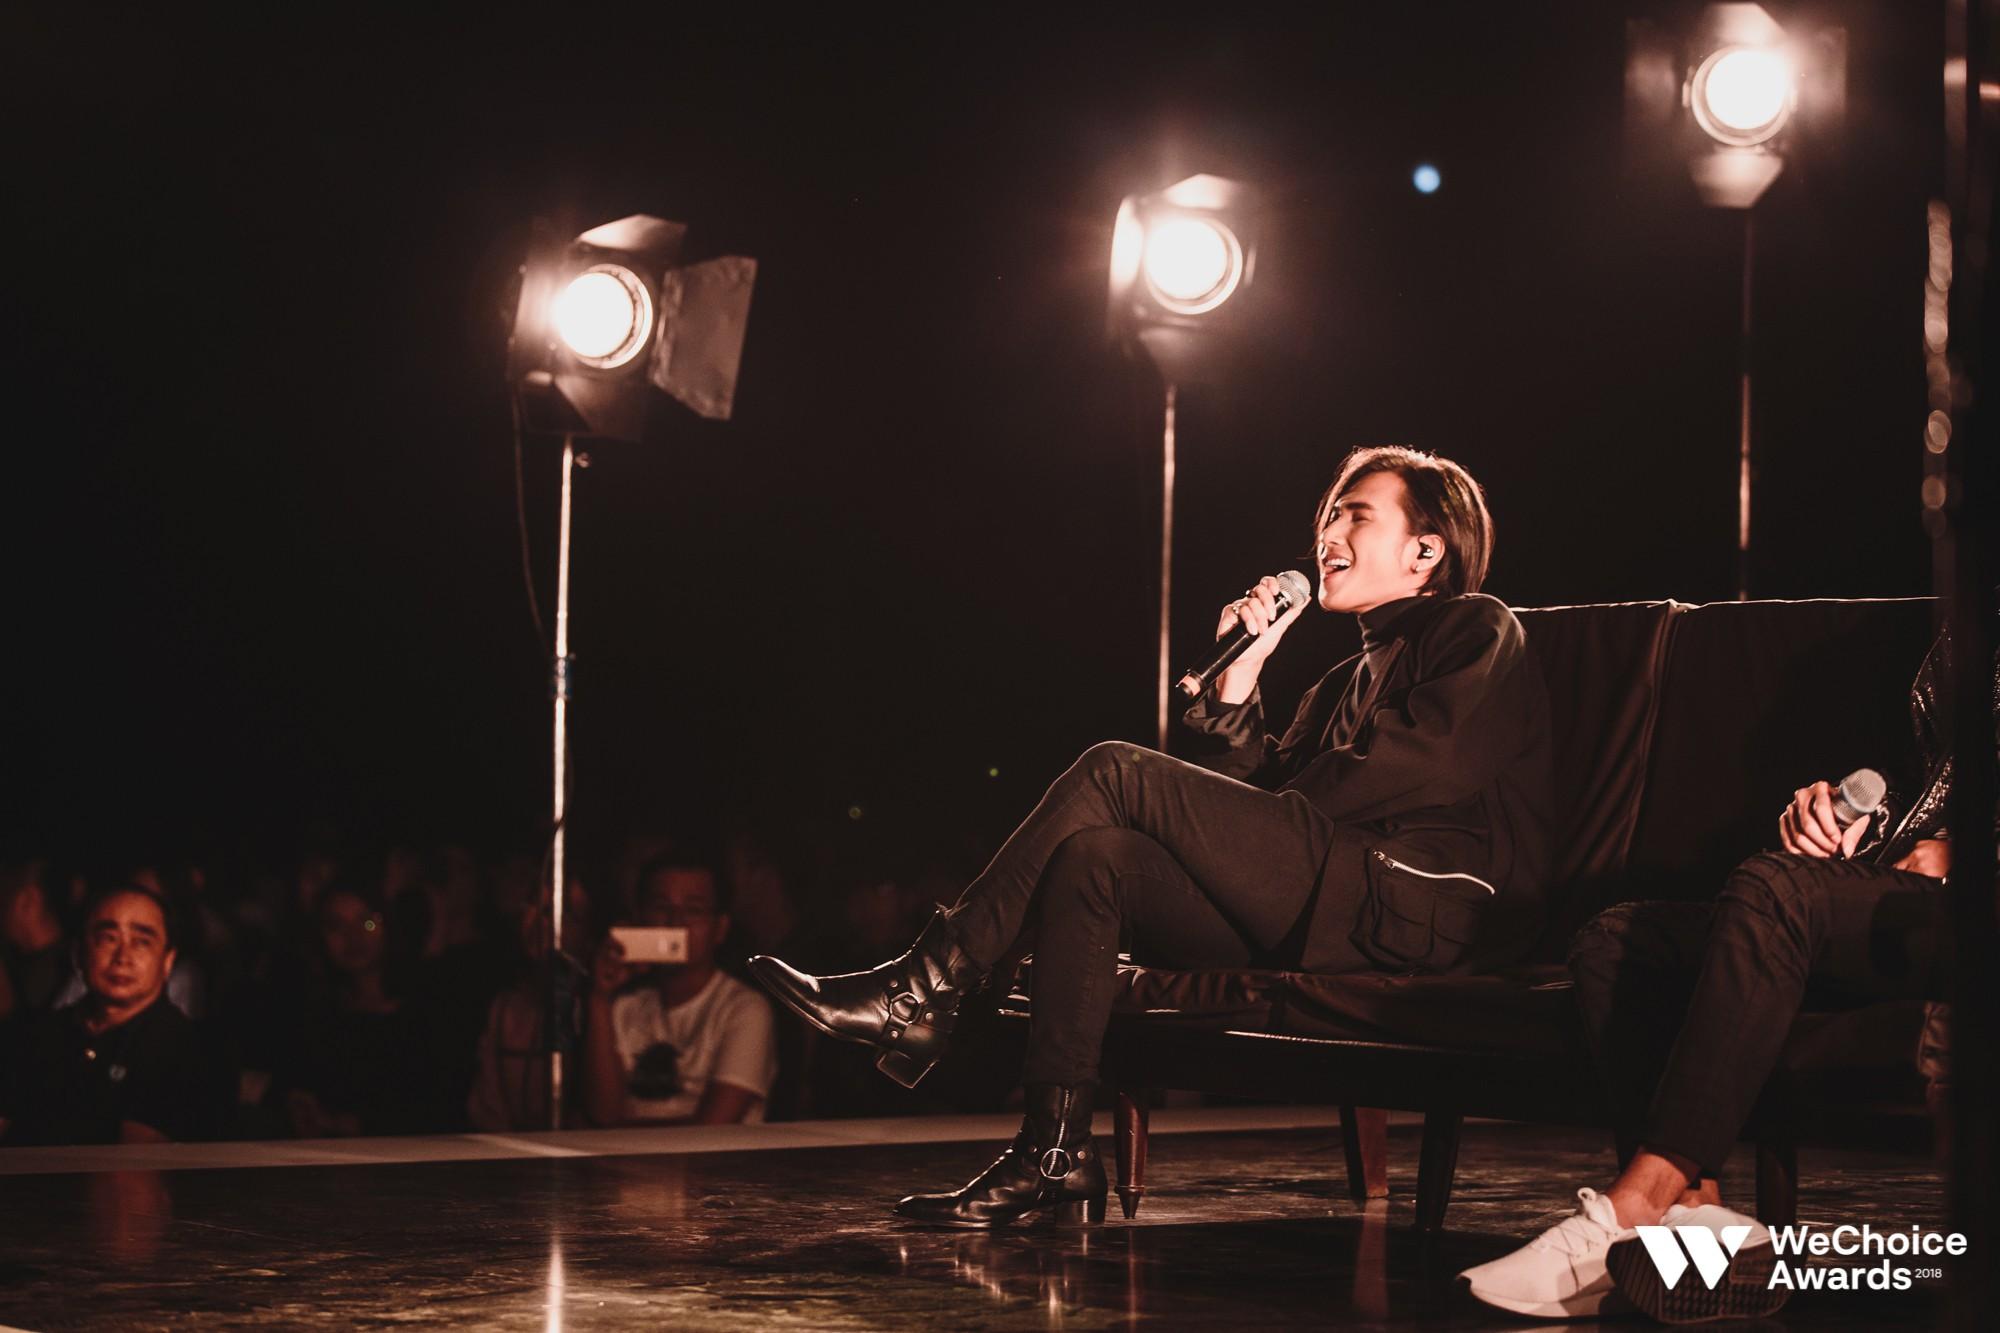 Nguyễn Trọng Tài đẹp trai hút hồn, mang HongKong 1 mash-up với hiện tượng Cô Gái M52 tại Gala WeChoice Awards 2018 - Ảnh 5.